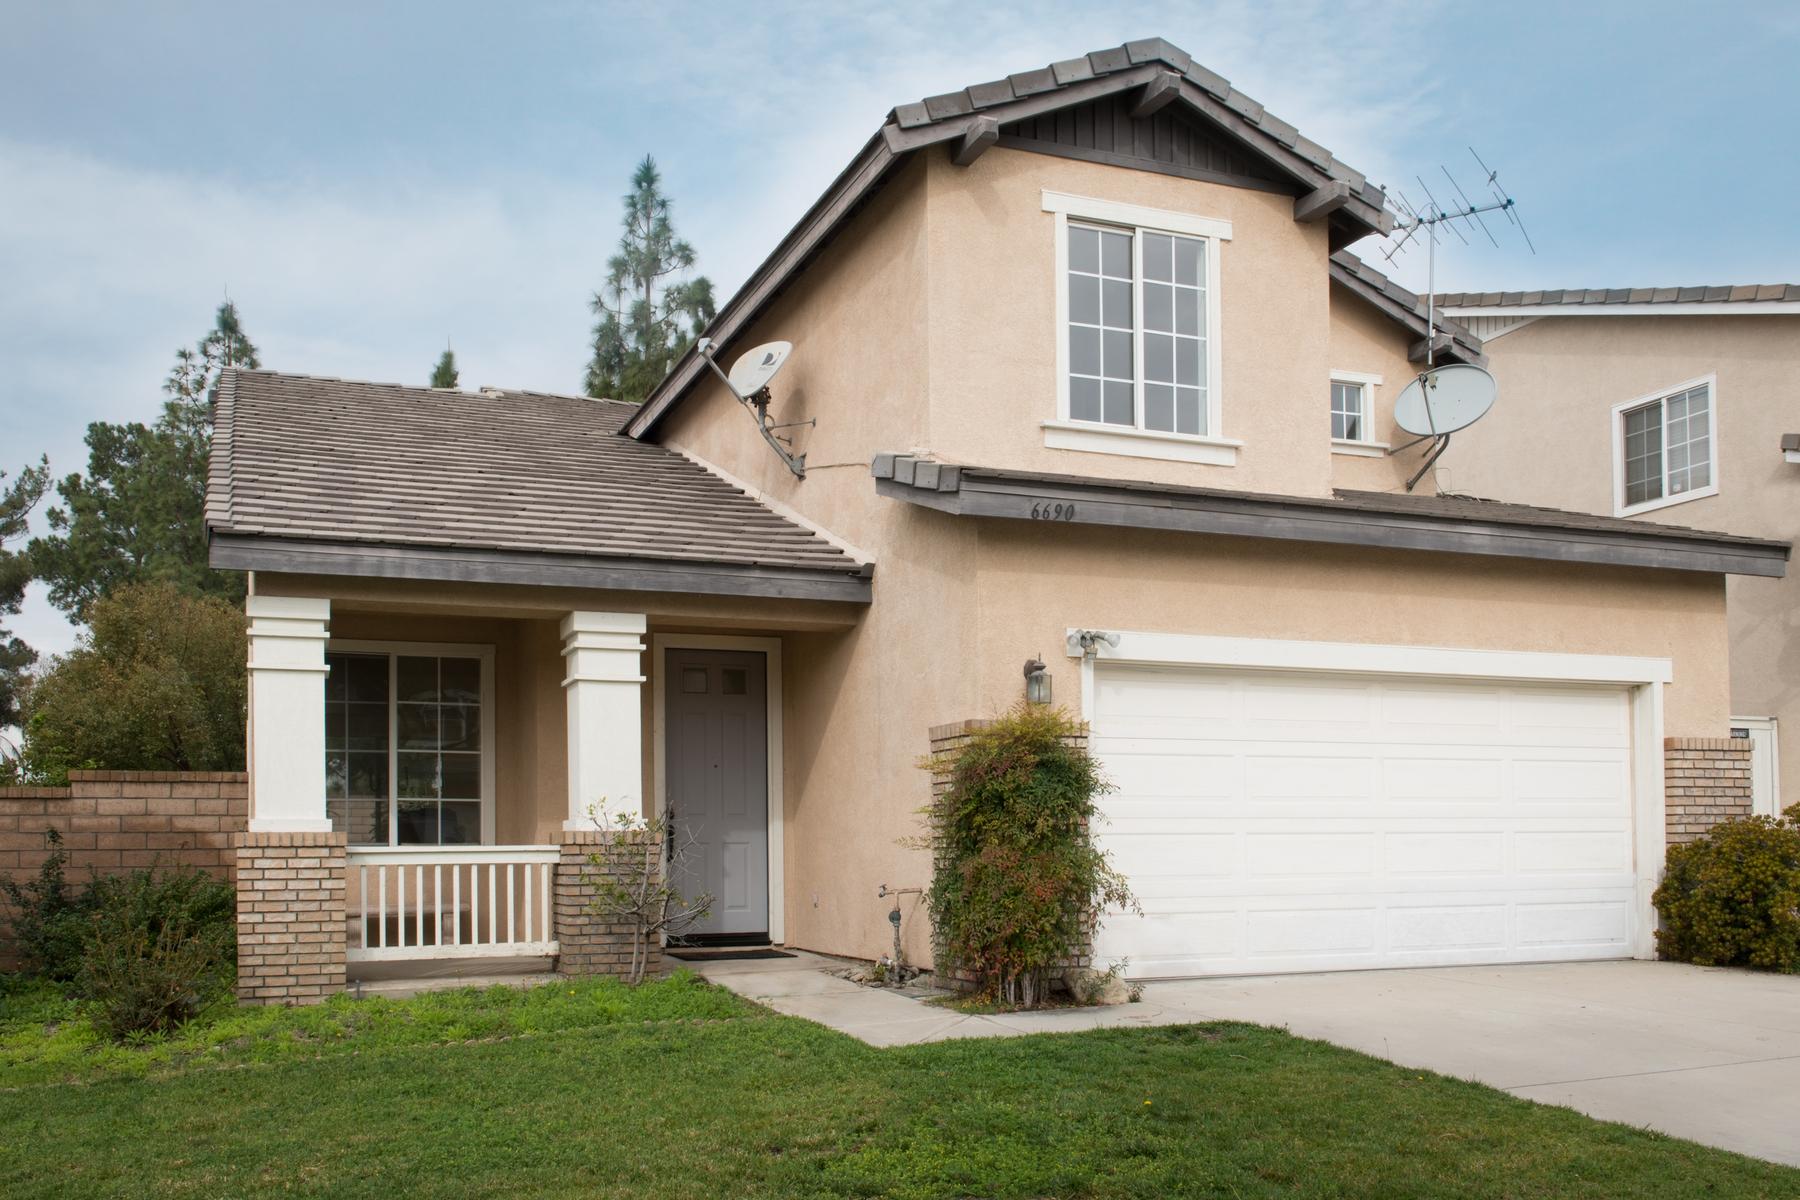 Nhà ở một gia đình vì Bán tại 6690 Summerstone Ct, Rancho Cucamonga 91701 Rancho Cucamonga, California, 91701 Hoa Kỳ